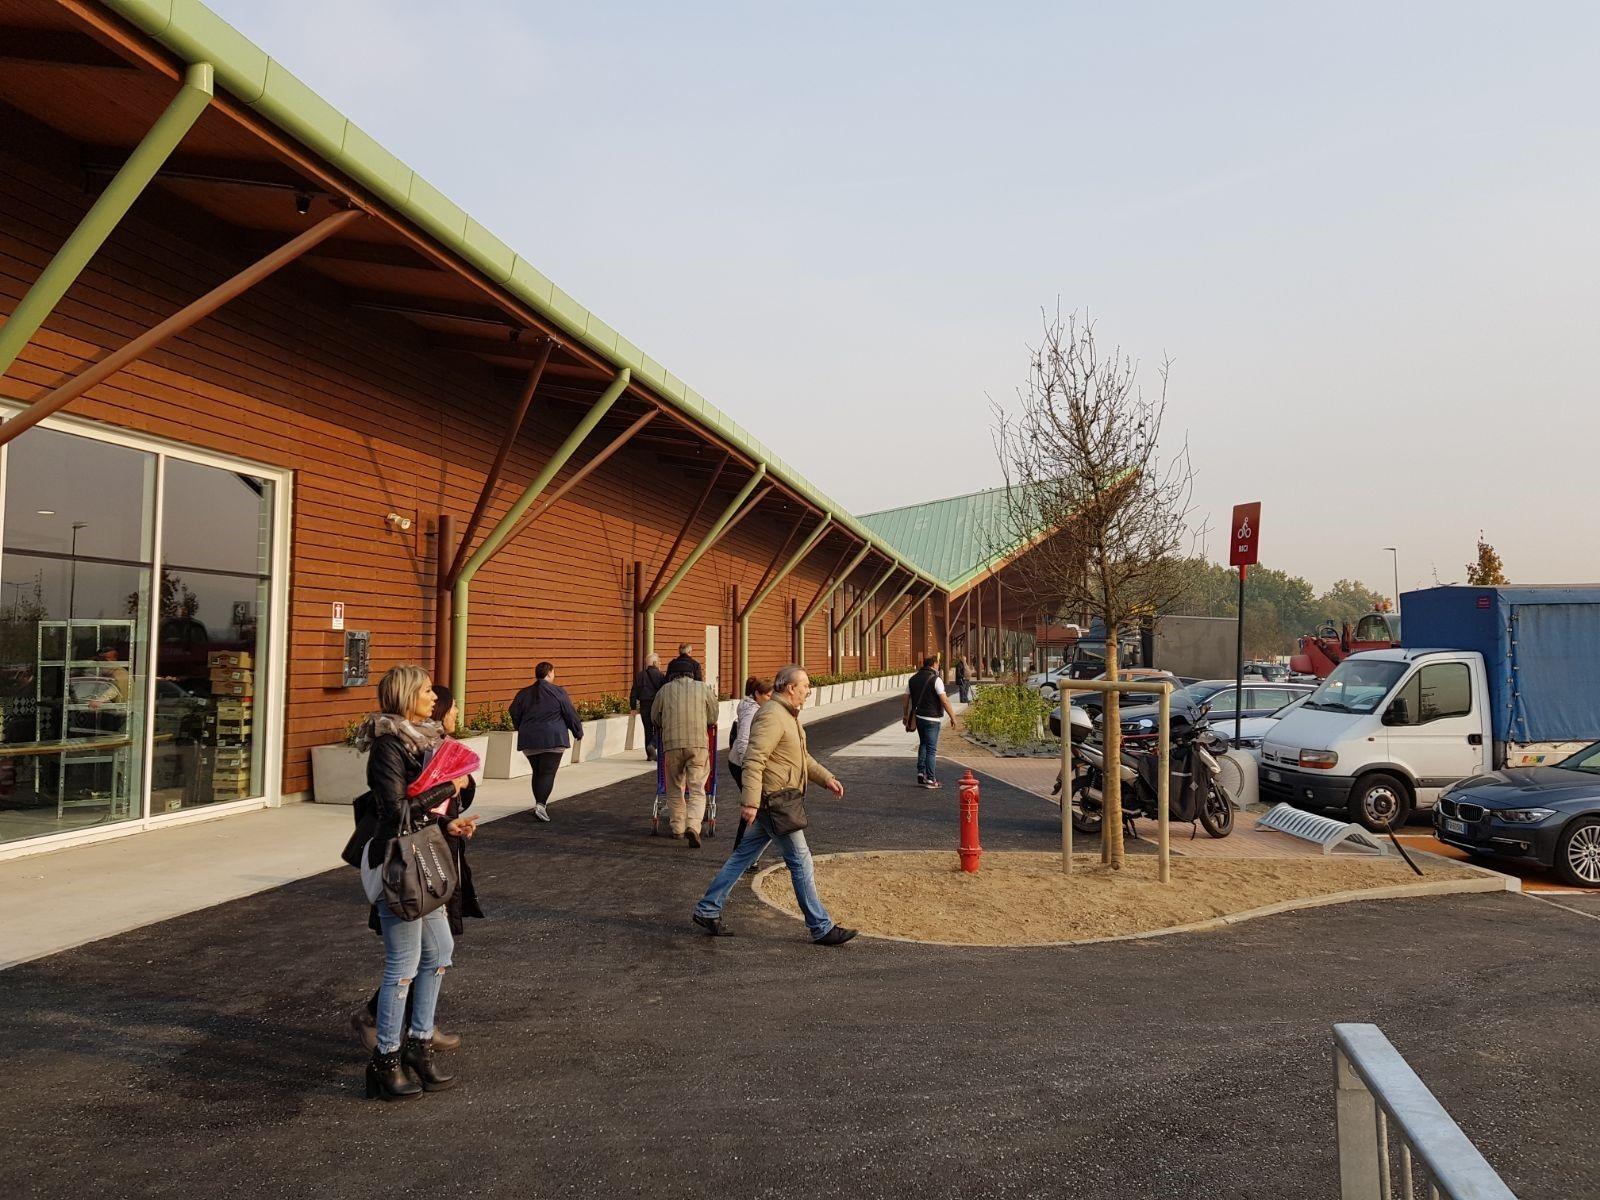 Veduta esterna del supermercato realizzato in legno